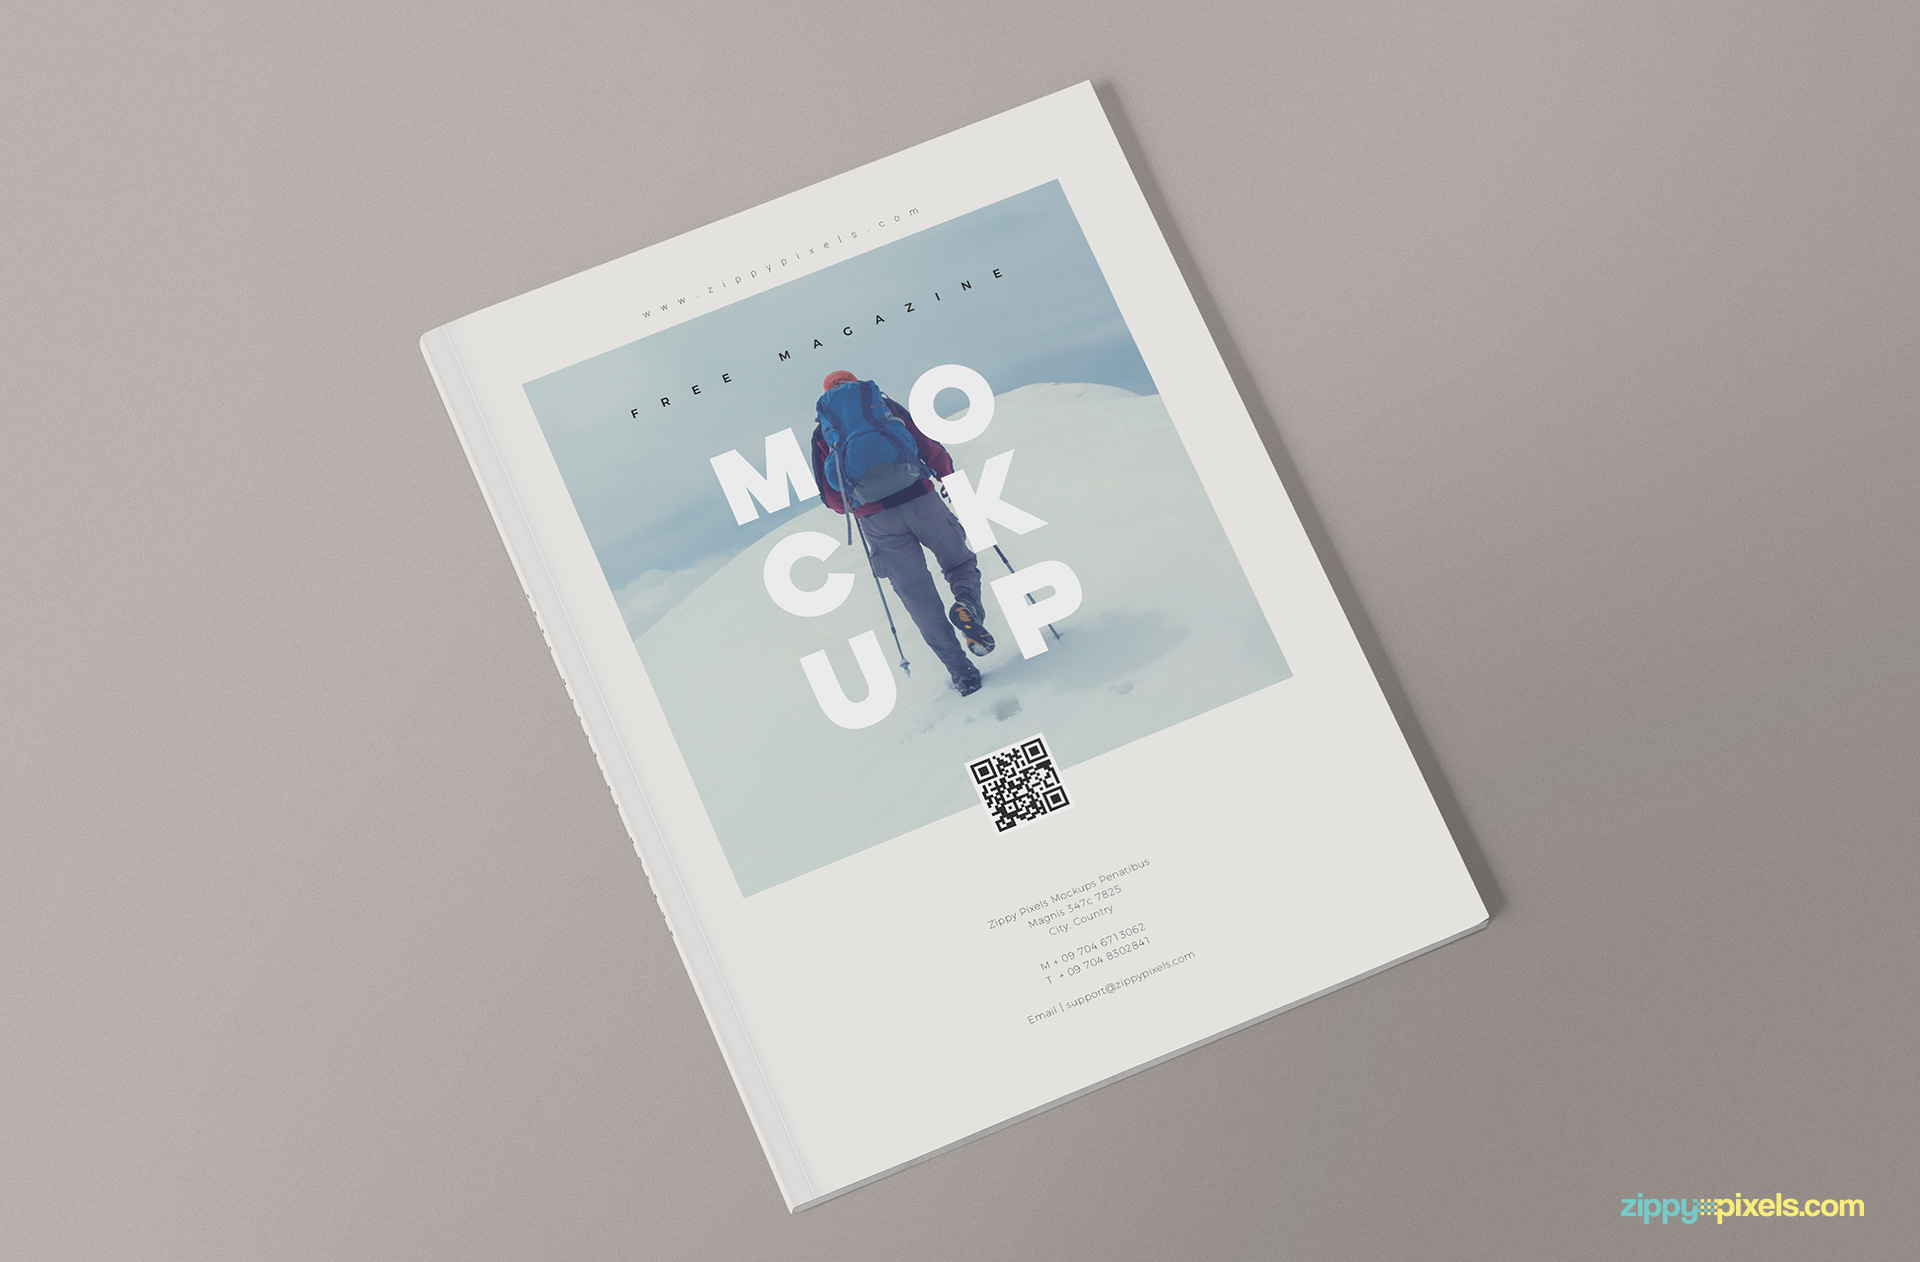 3 Free Magazine Mockup Templates  ZippyPixels